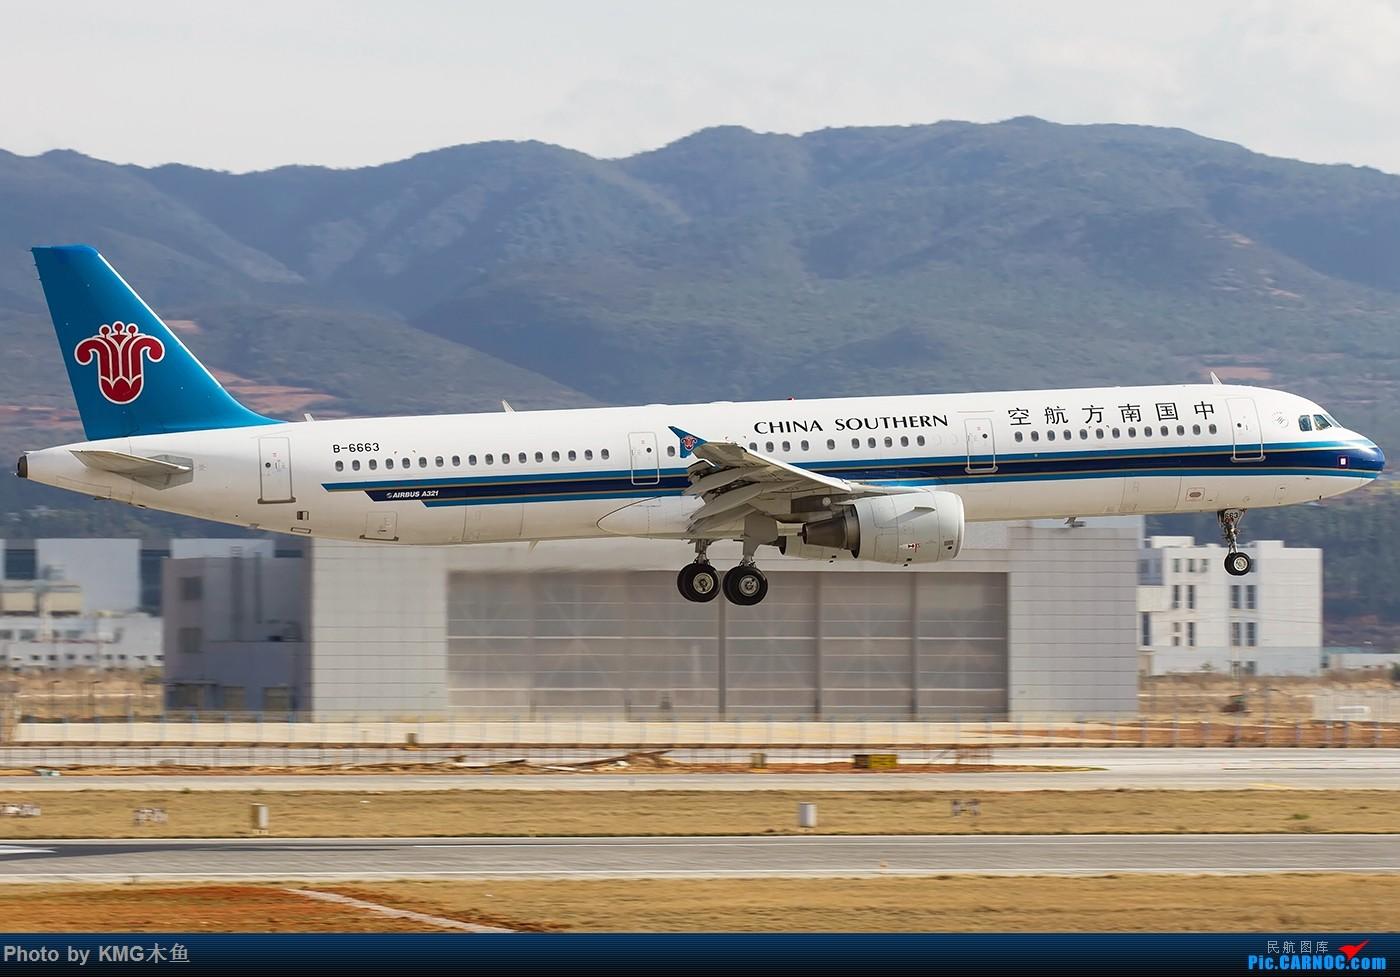 Re:[原创]【KMG】【昆明飞友会-KMG木鱼】2016年一月的周末从白天拍到天黑,临走时还来了一架波音777 AIRBUS A321-200 B-6663 中国昆明长水国际机场